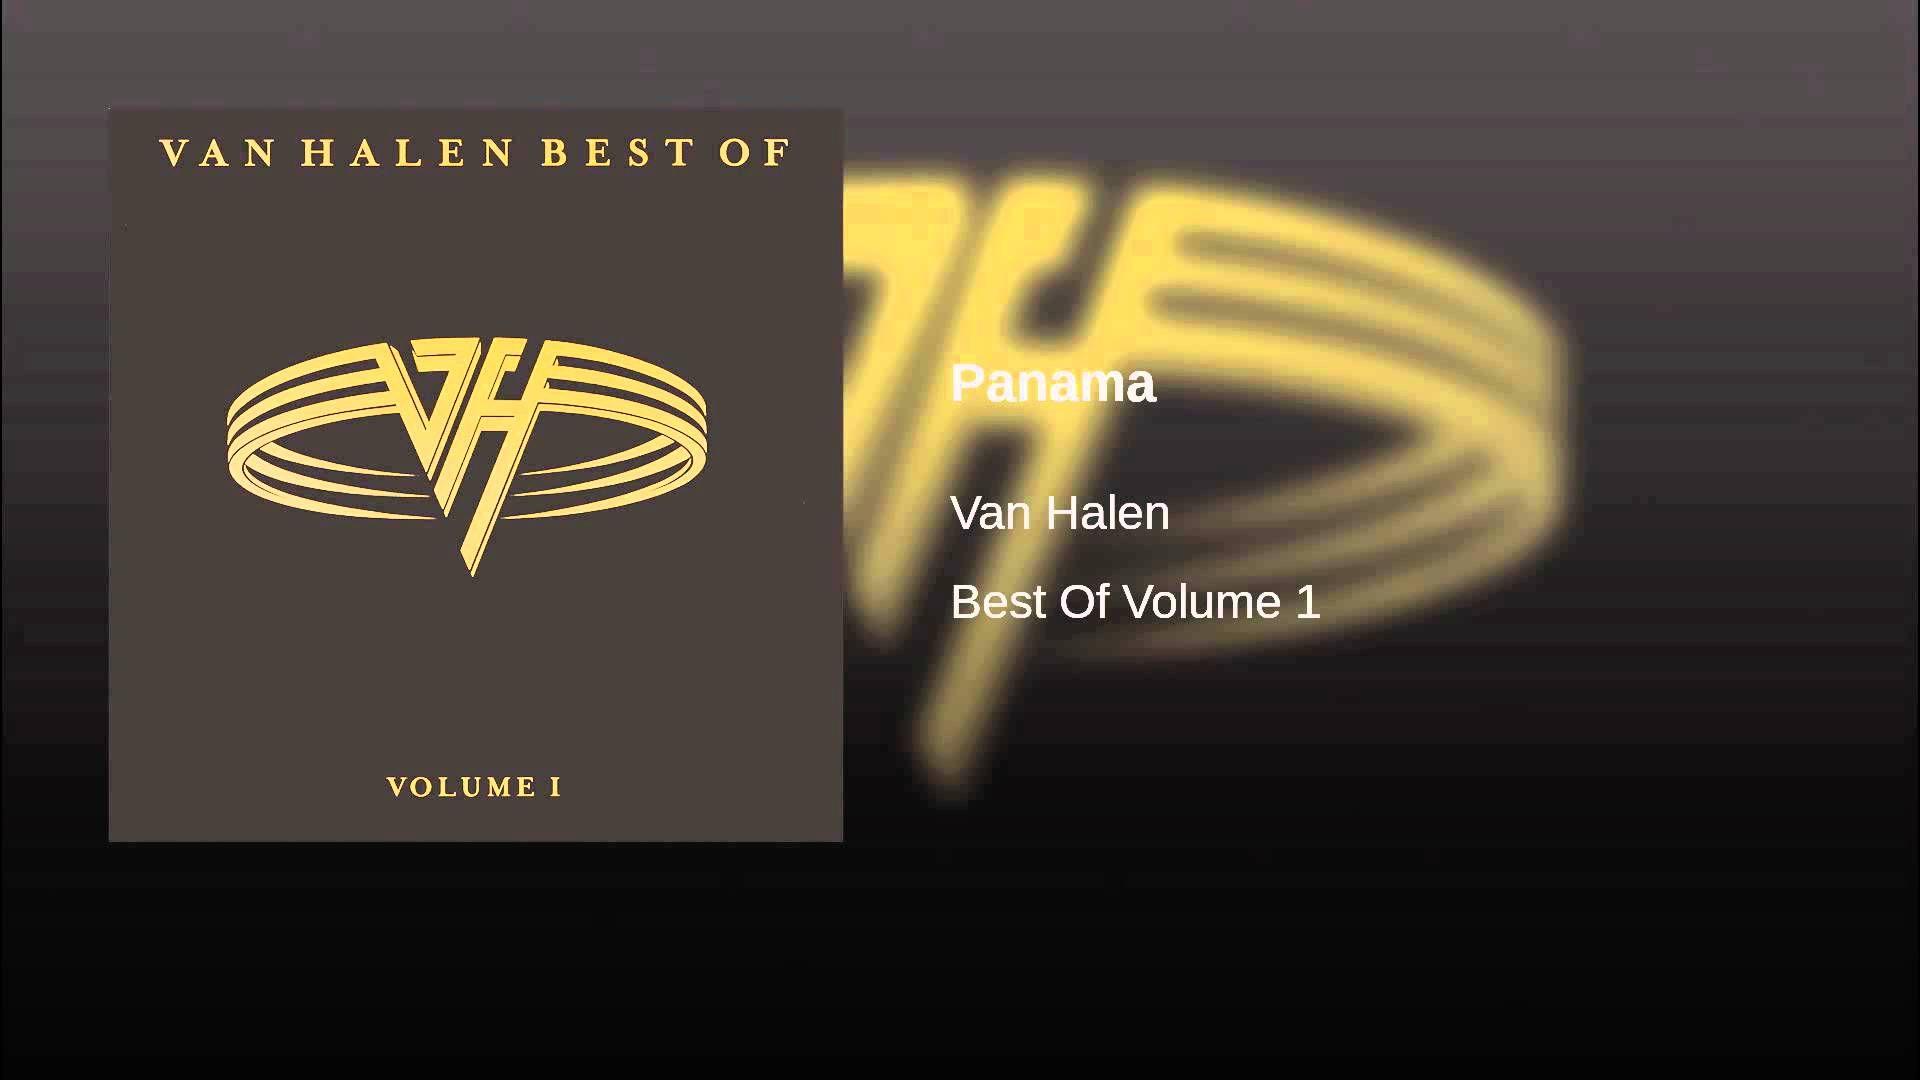 Panama Van Halen 1984 Van Halen